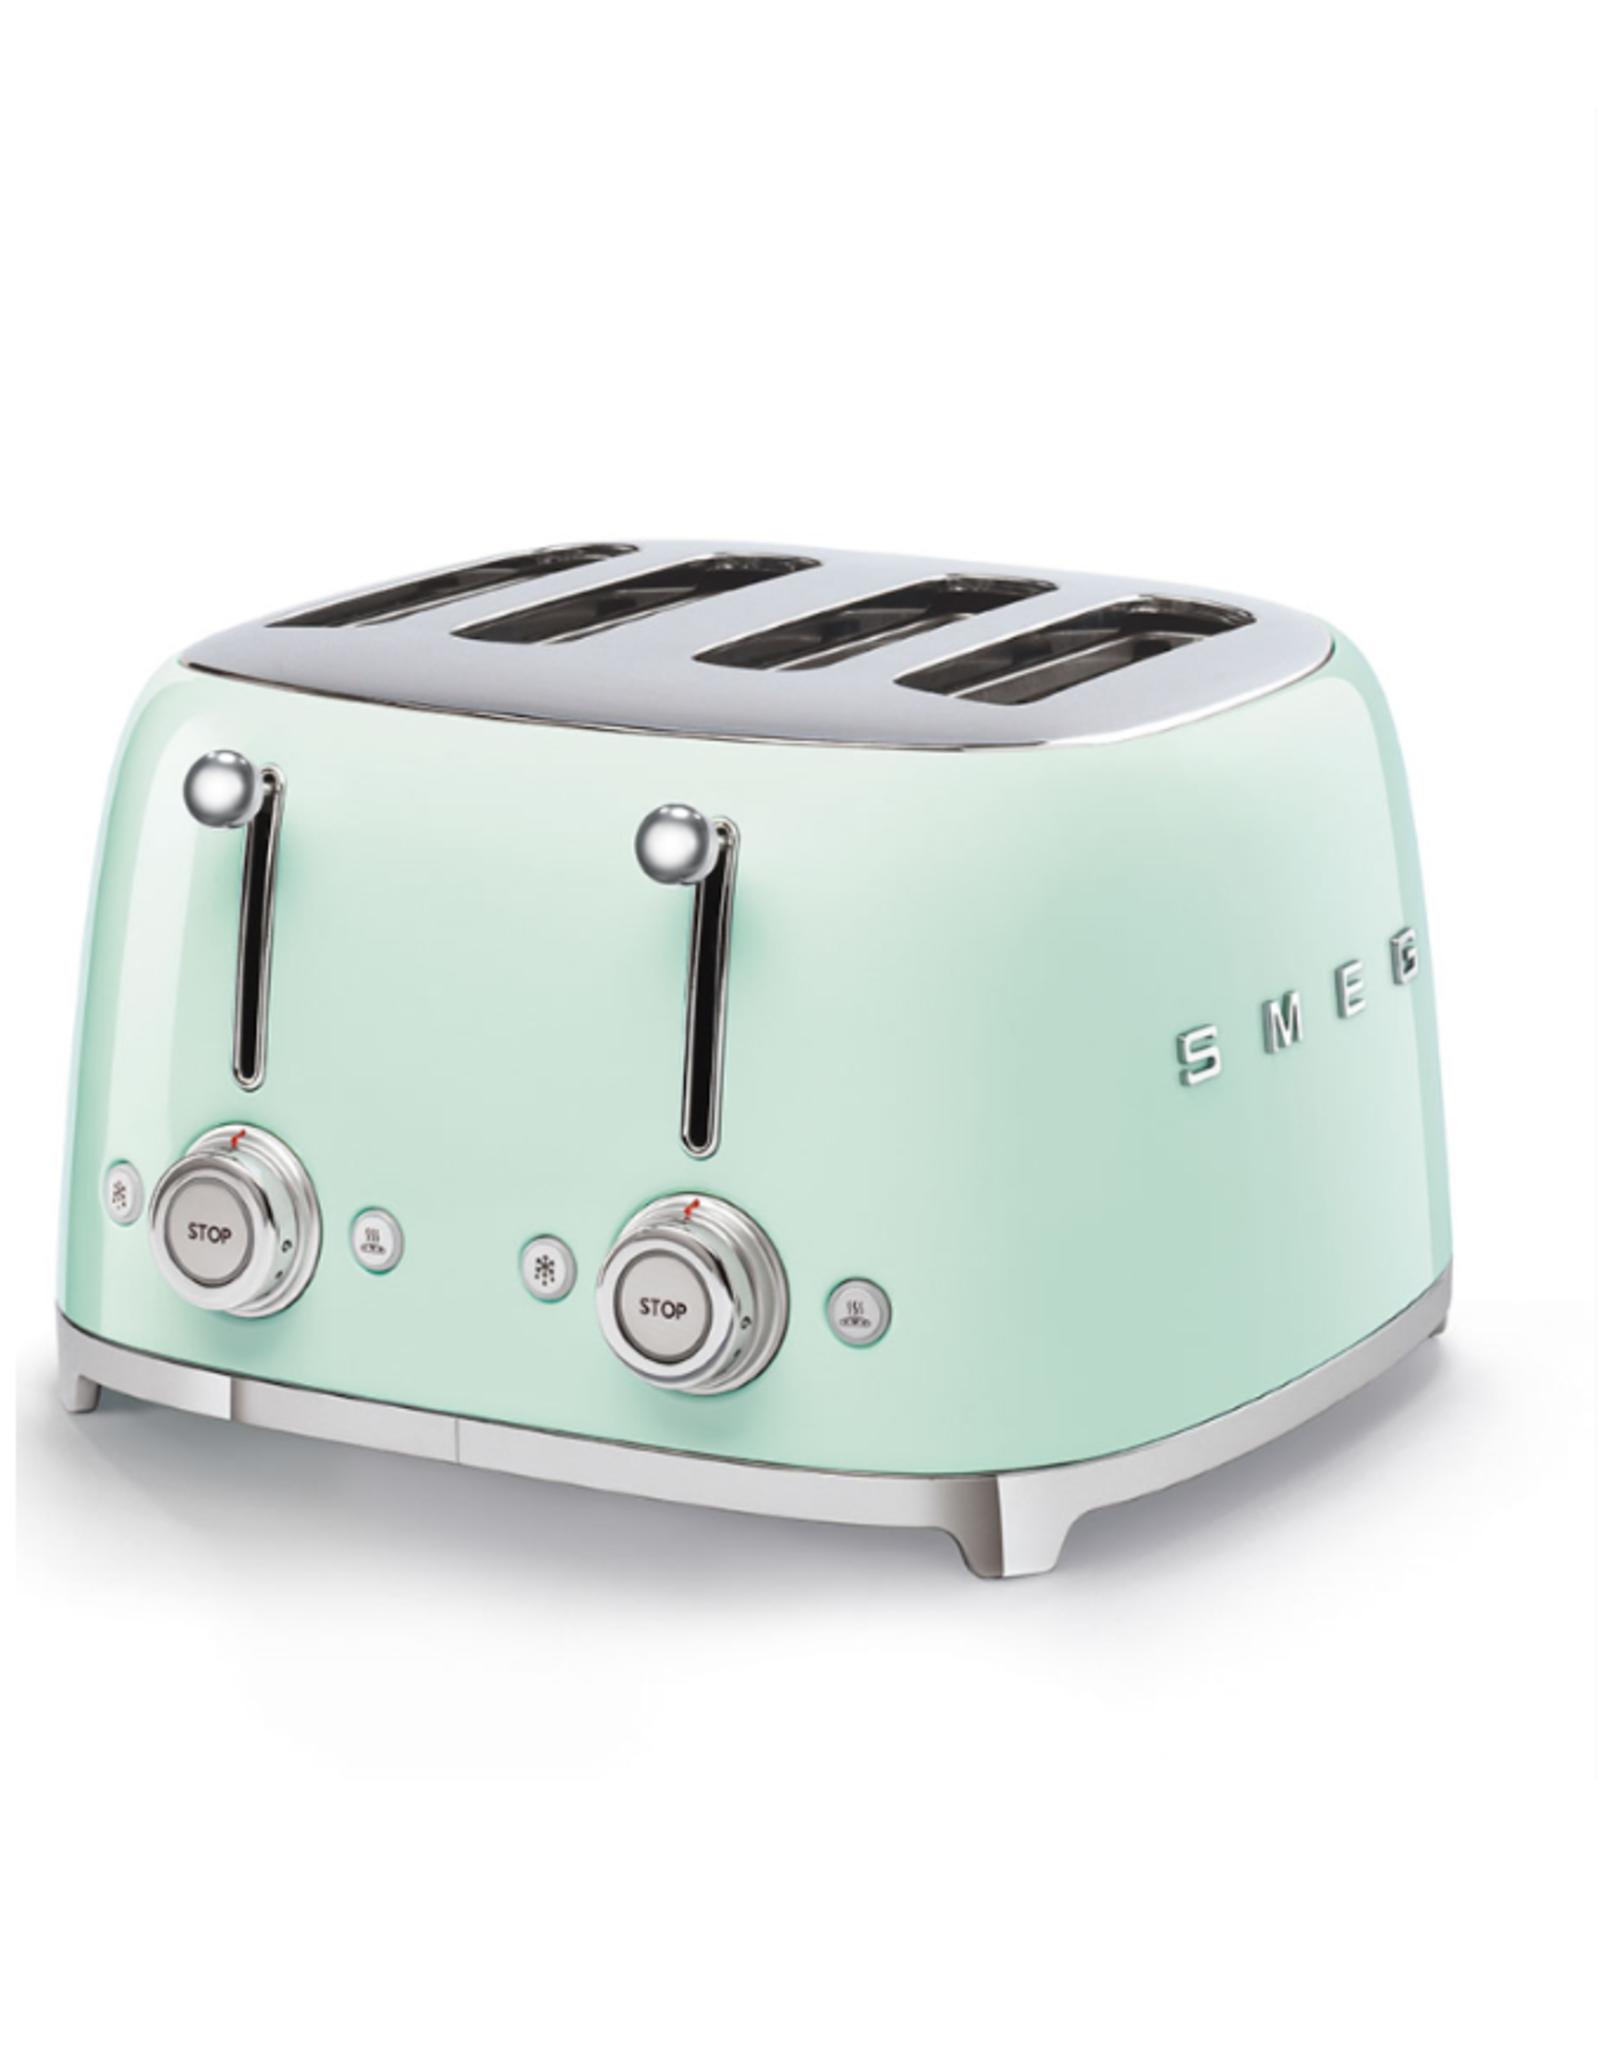 Smeg 4 Slot Toaster, Pastel Green